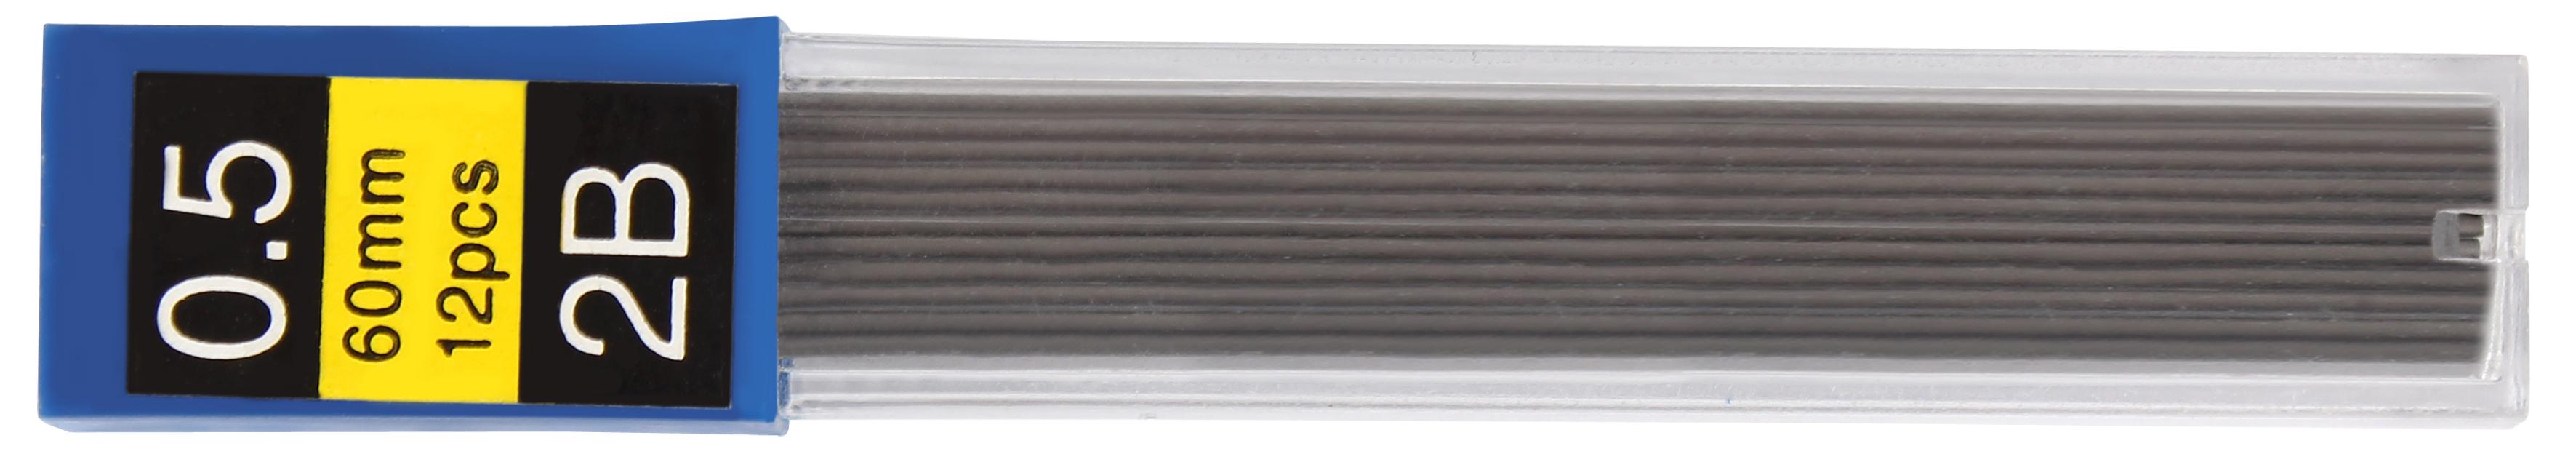 Грифель 0,5 мм для мех. карандашей Economix 2B